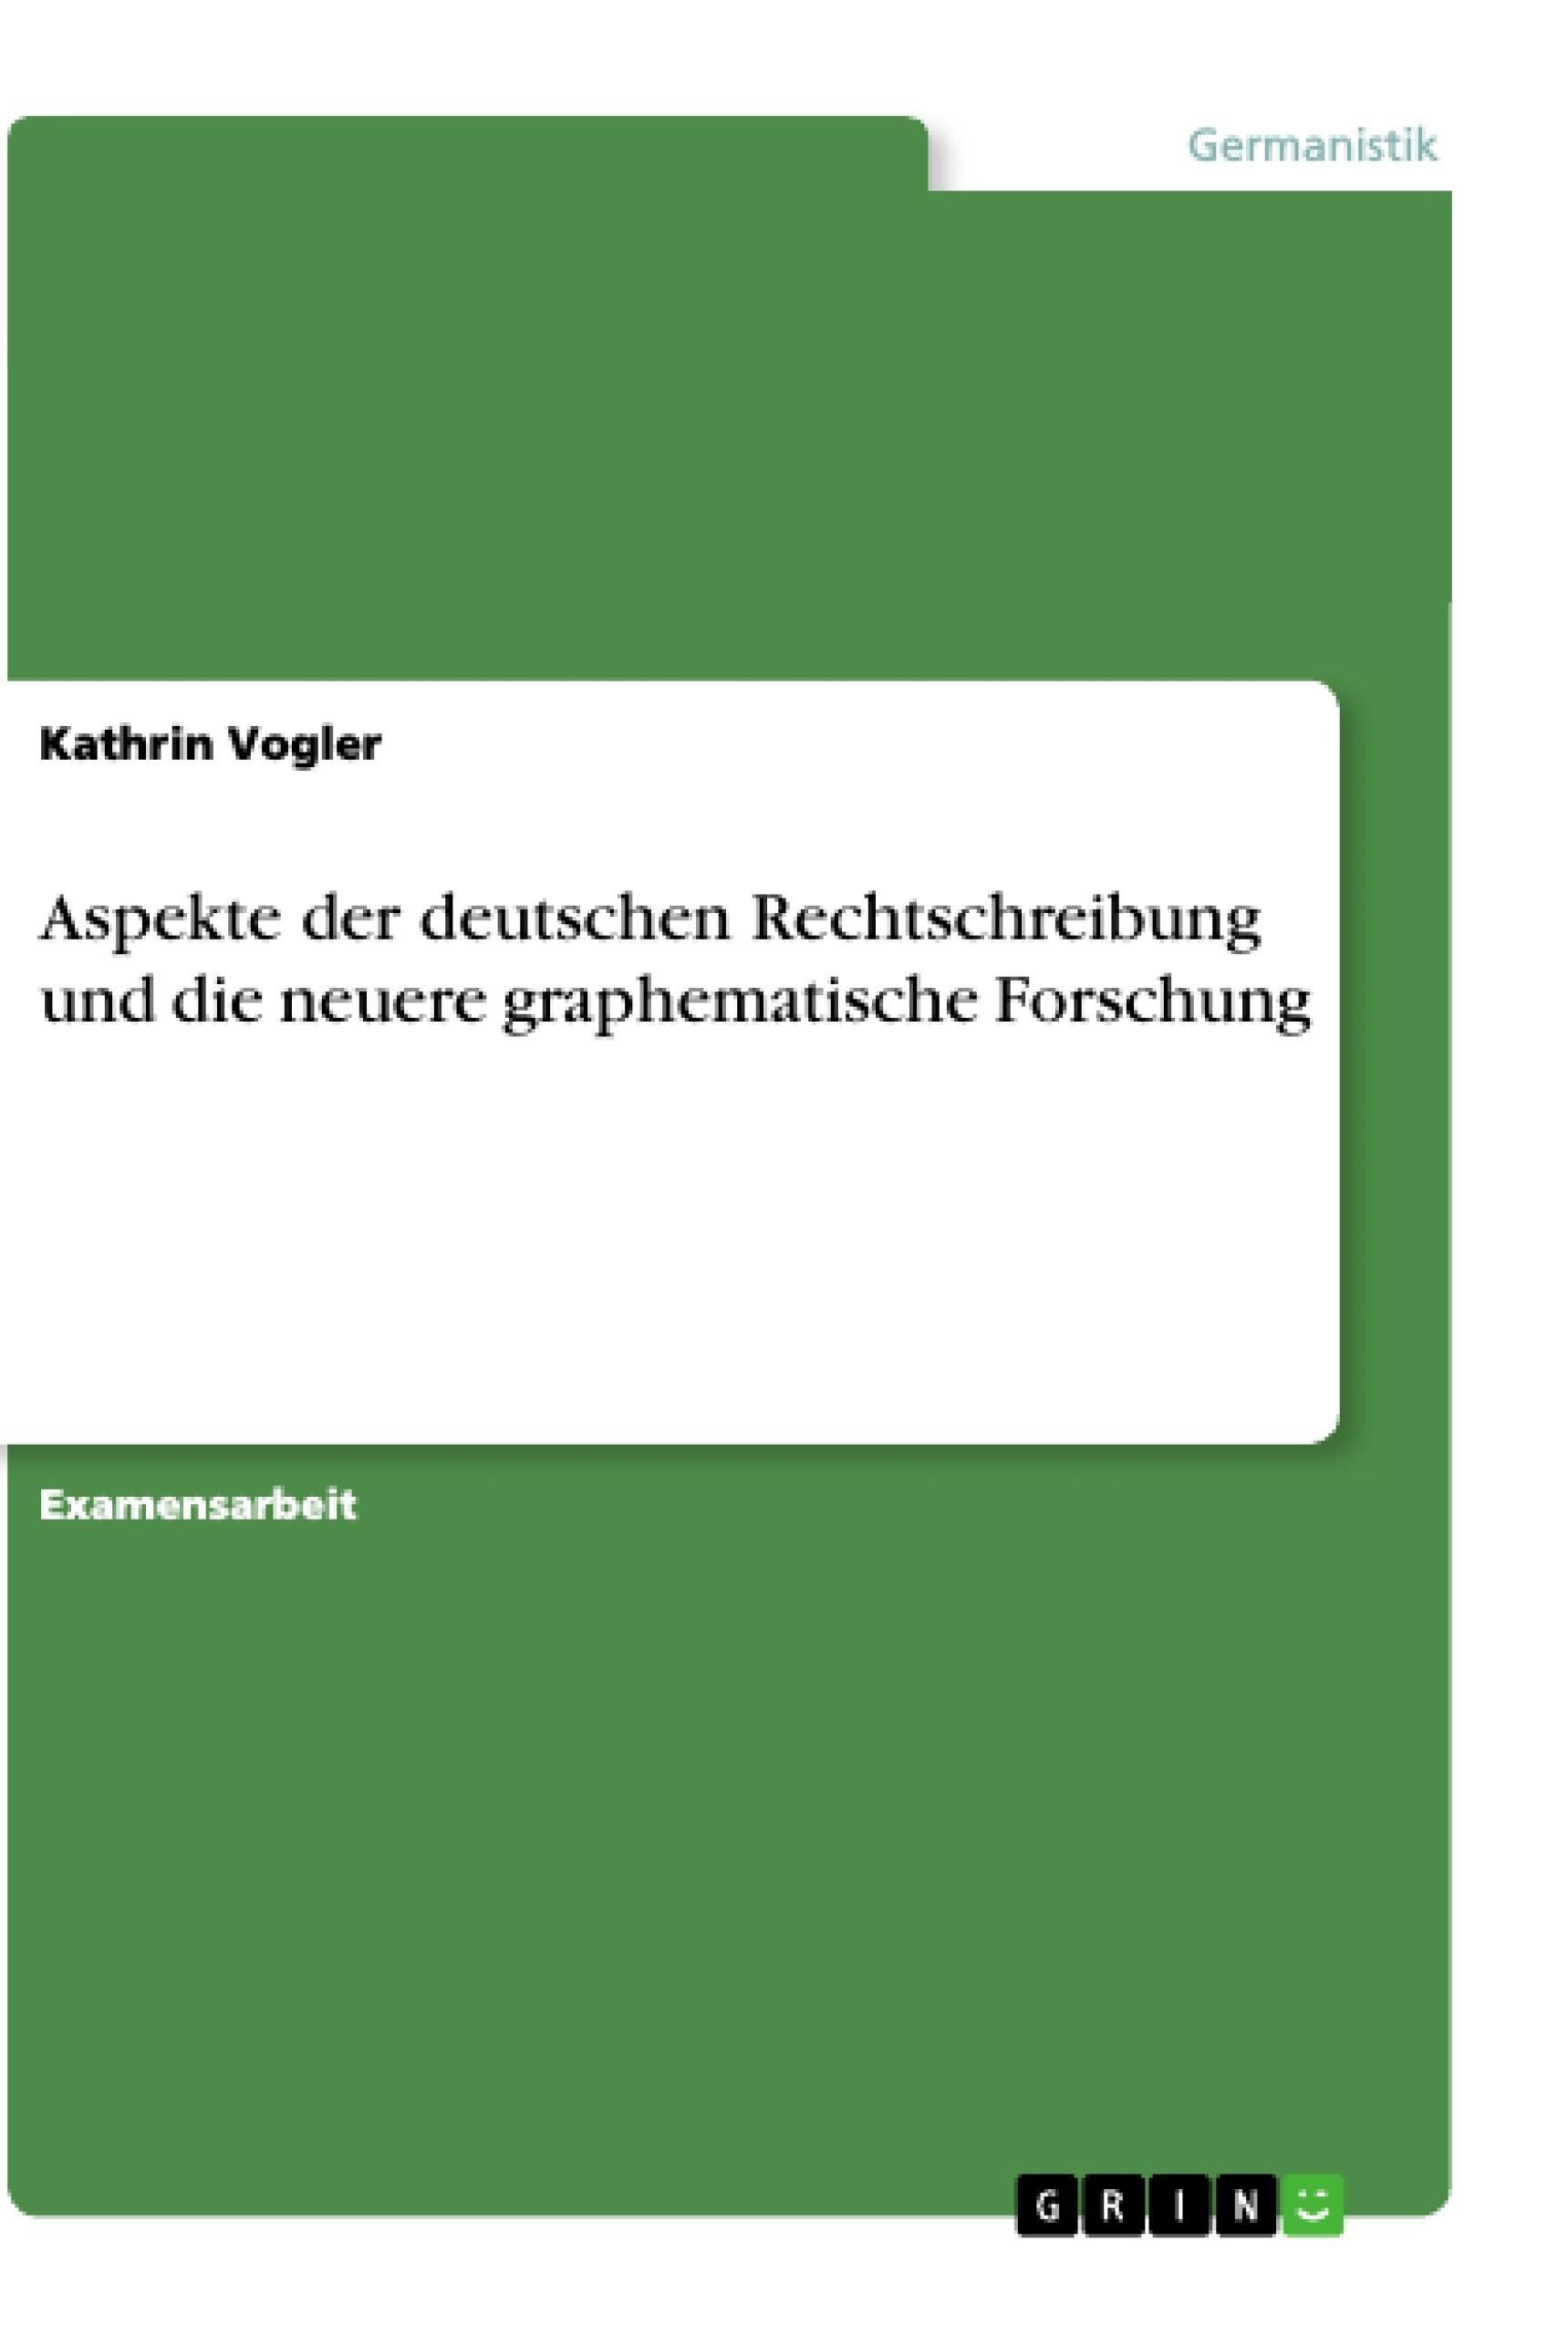 Titel: Aspekte der deutschen Rechtschreibung und die neuere graphematische Forschung